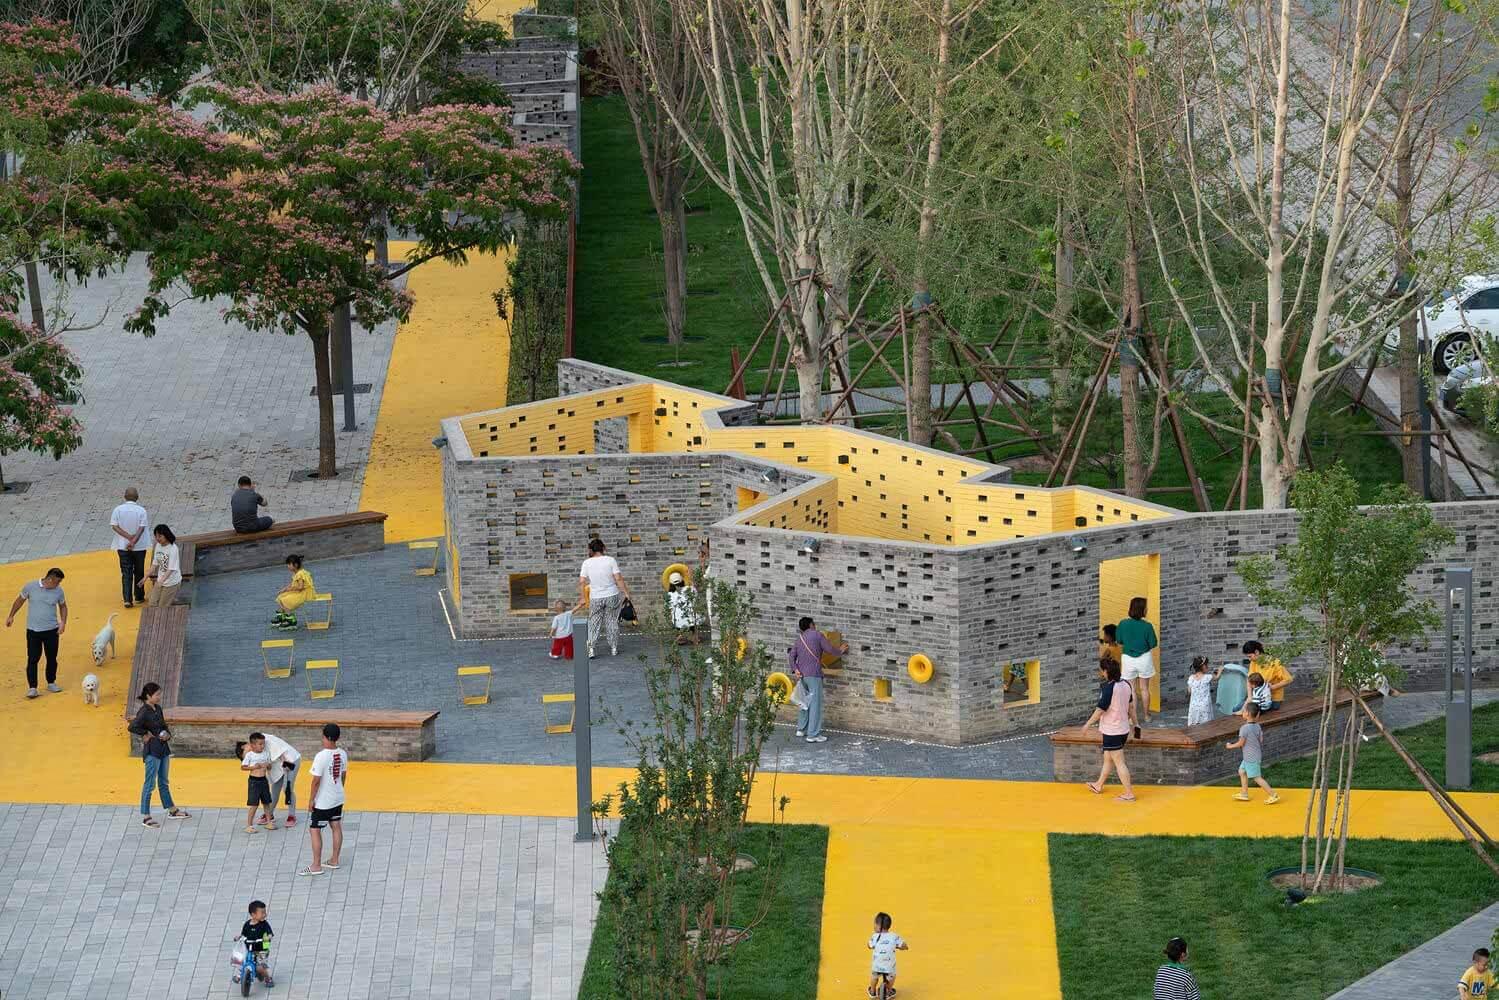 Развитие ненасильственных городов: 10 примеров дружественных общественных пространств